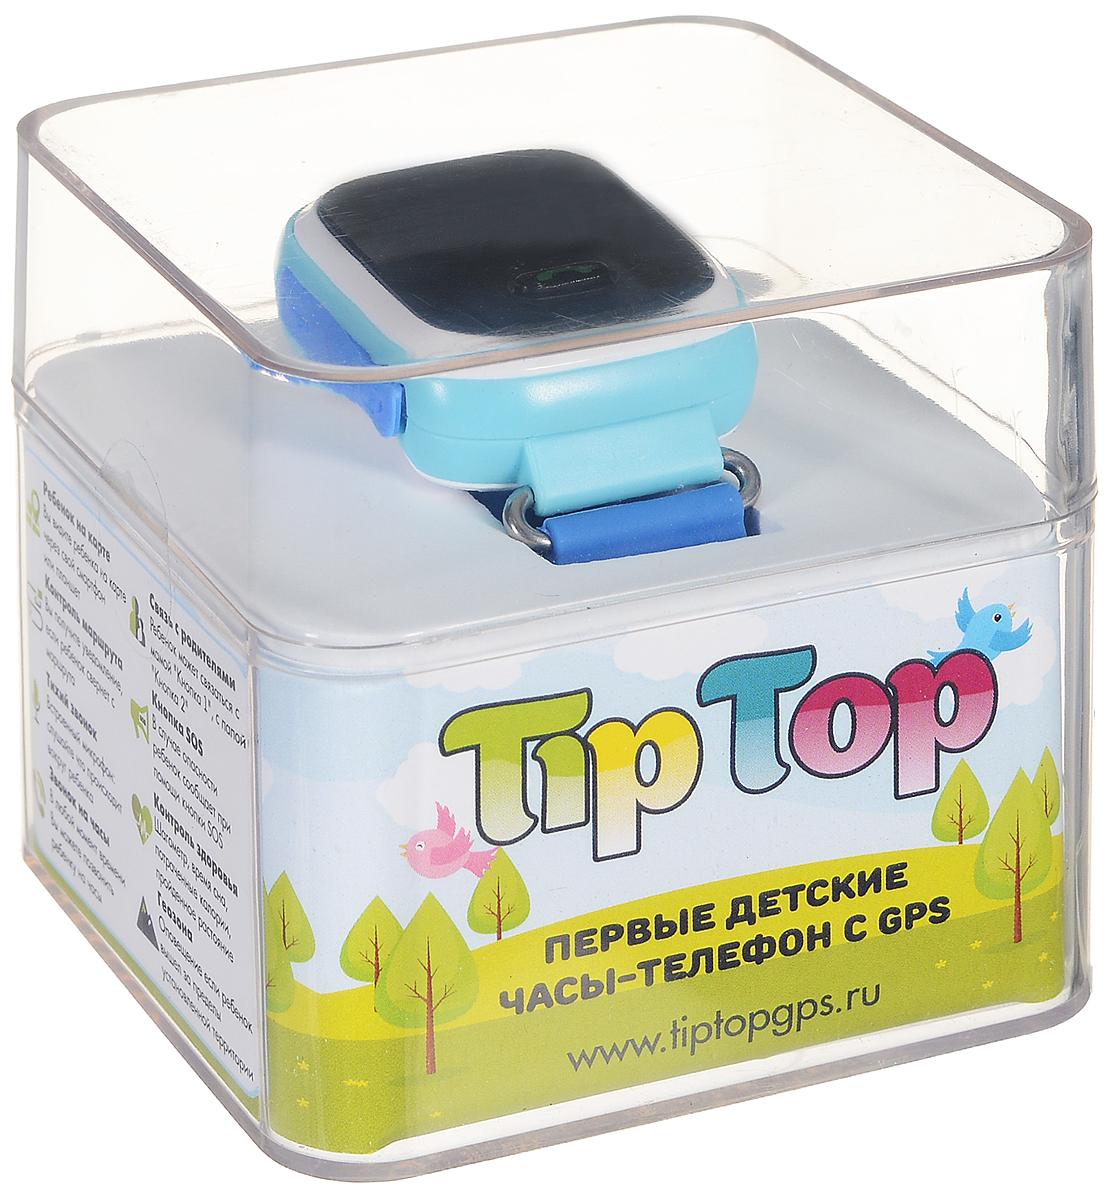 TipTop 60Ц, Light Blue детские часы-телефон